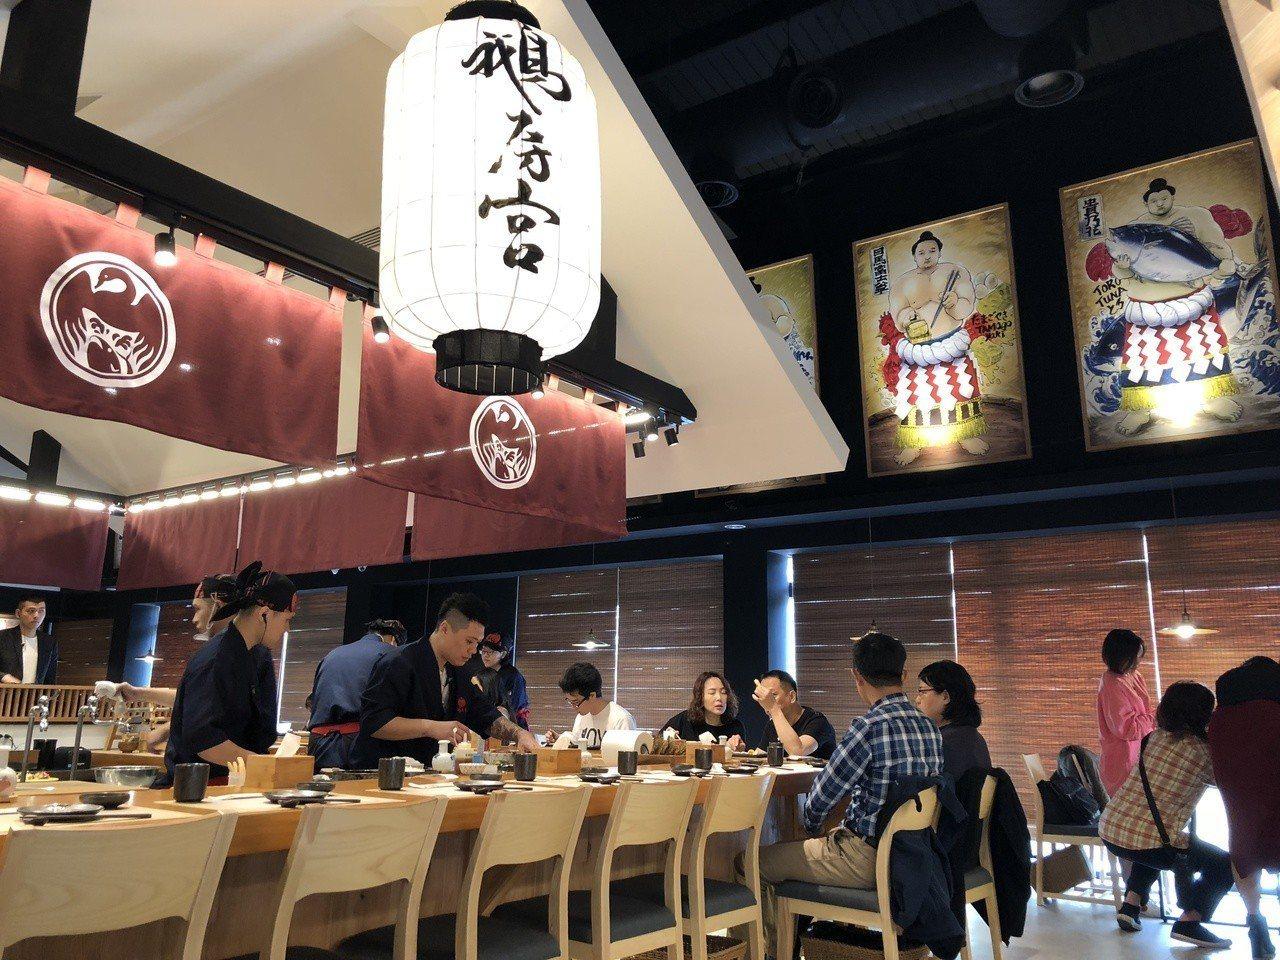 台中北屯一點利黃昏市場、賣鵝肉起家的小熟食攤「鵝房宮」,搶進高級日本料理市場,在...